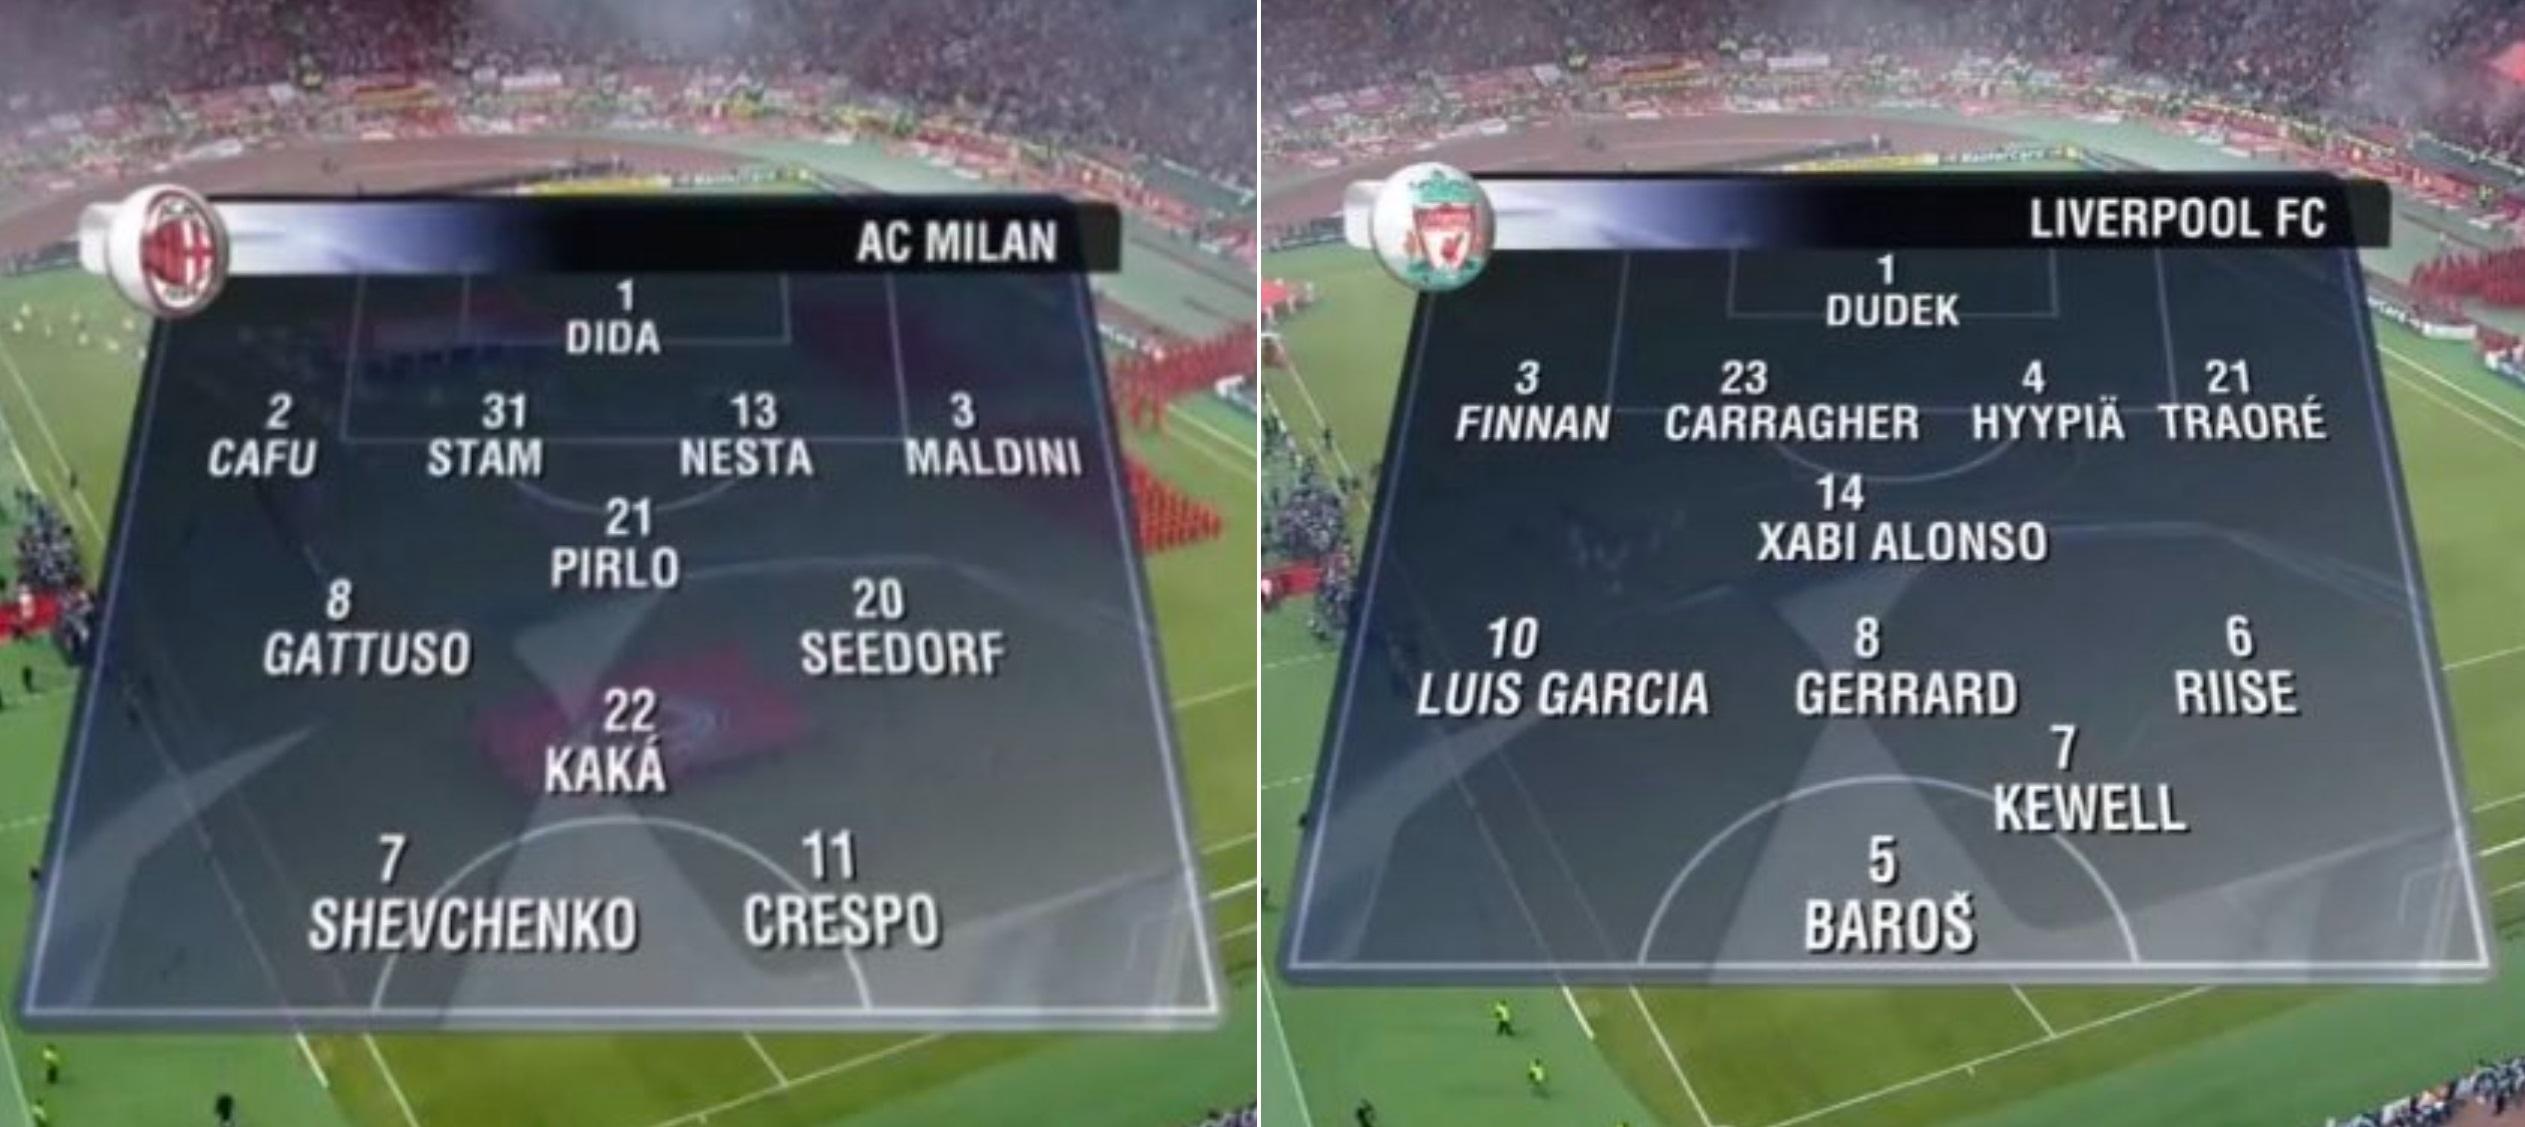 Чудо или провал в Стамбуле? 16 лет невероятной победе «Ливерпуля» над «Миланом»